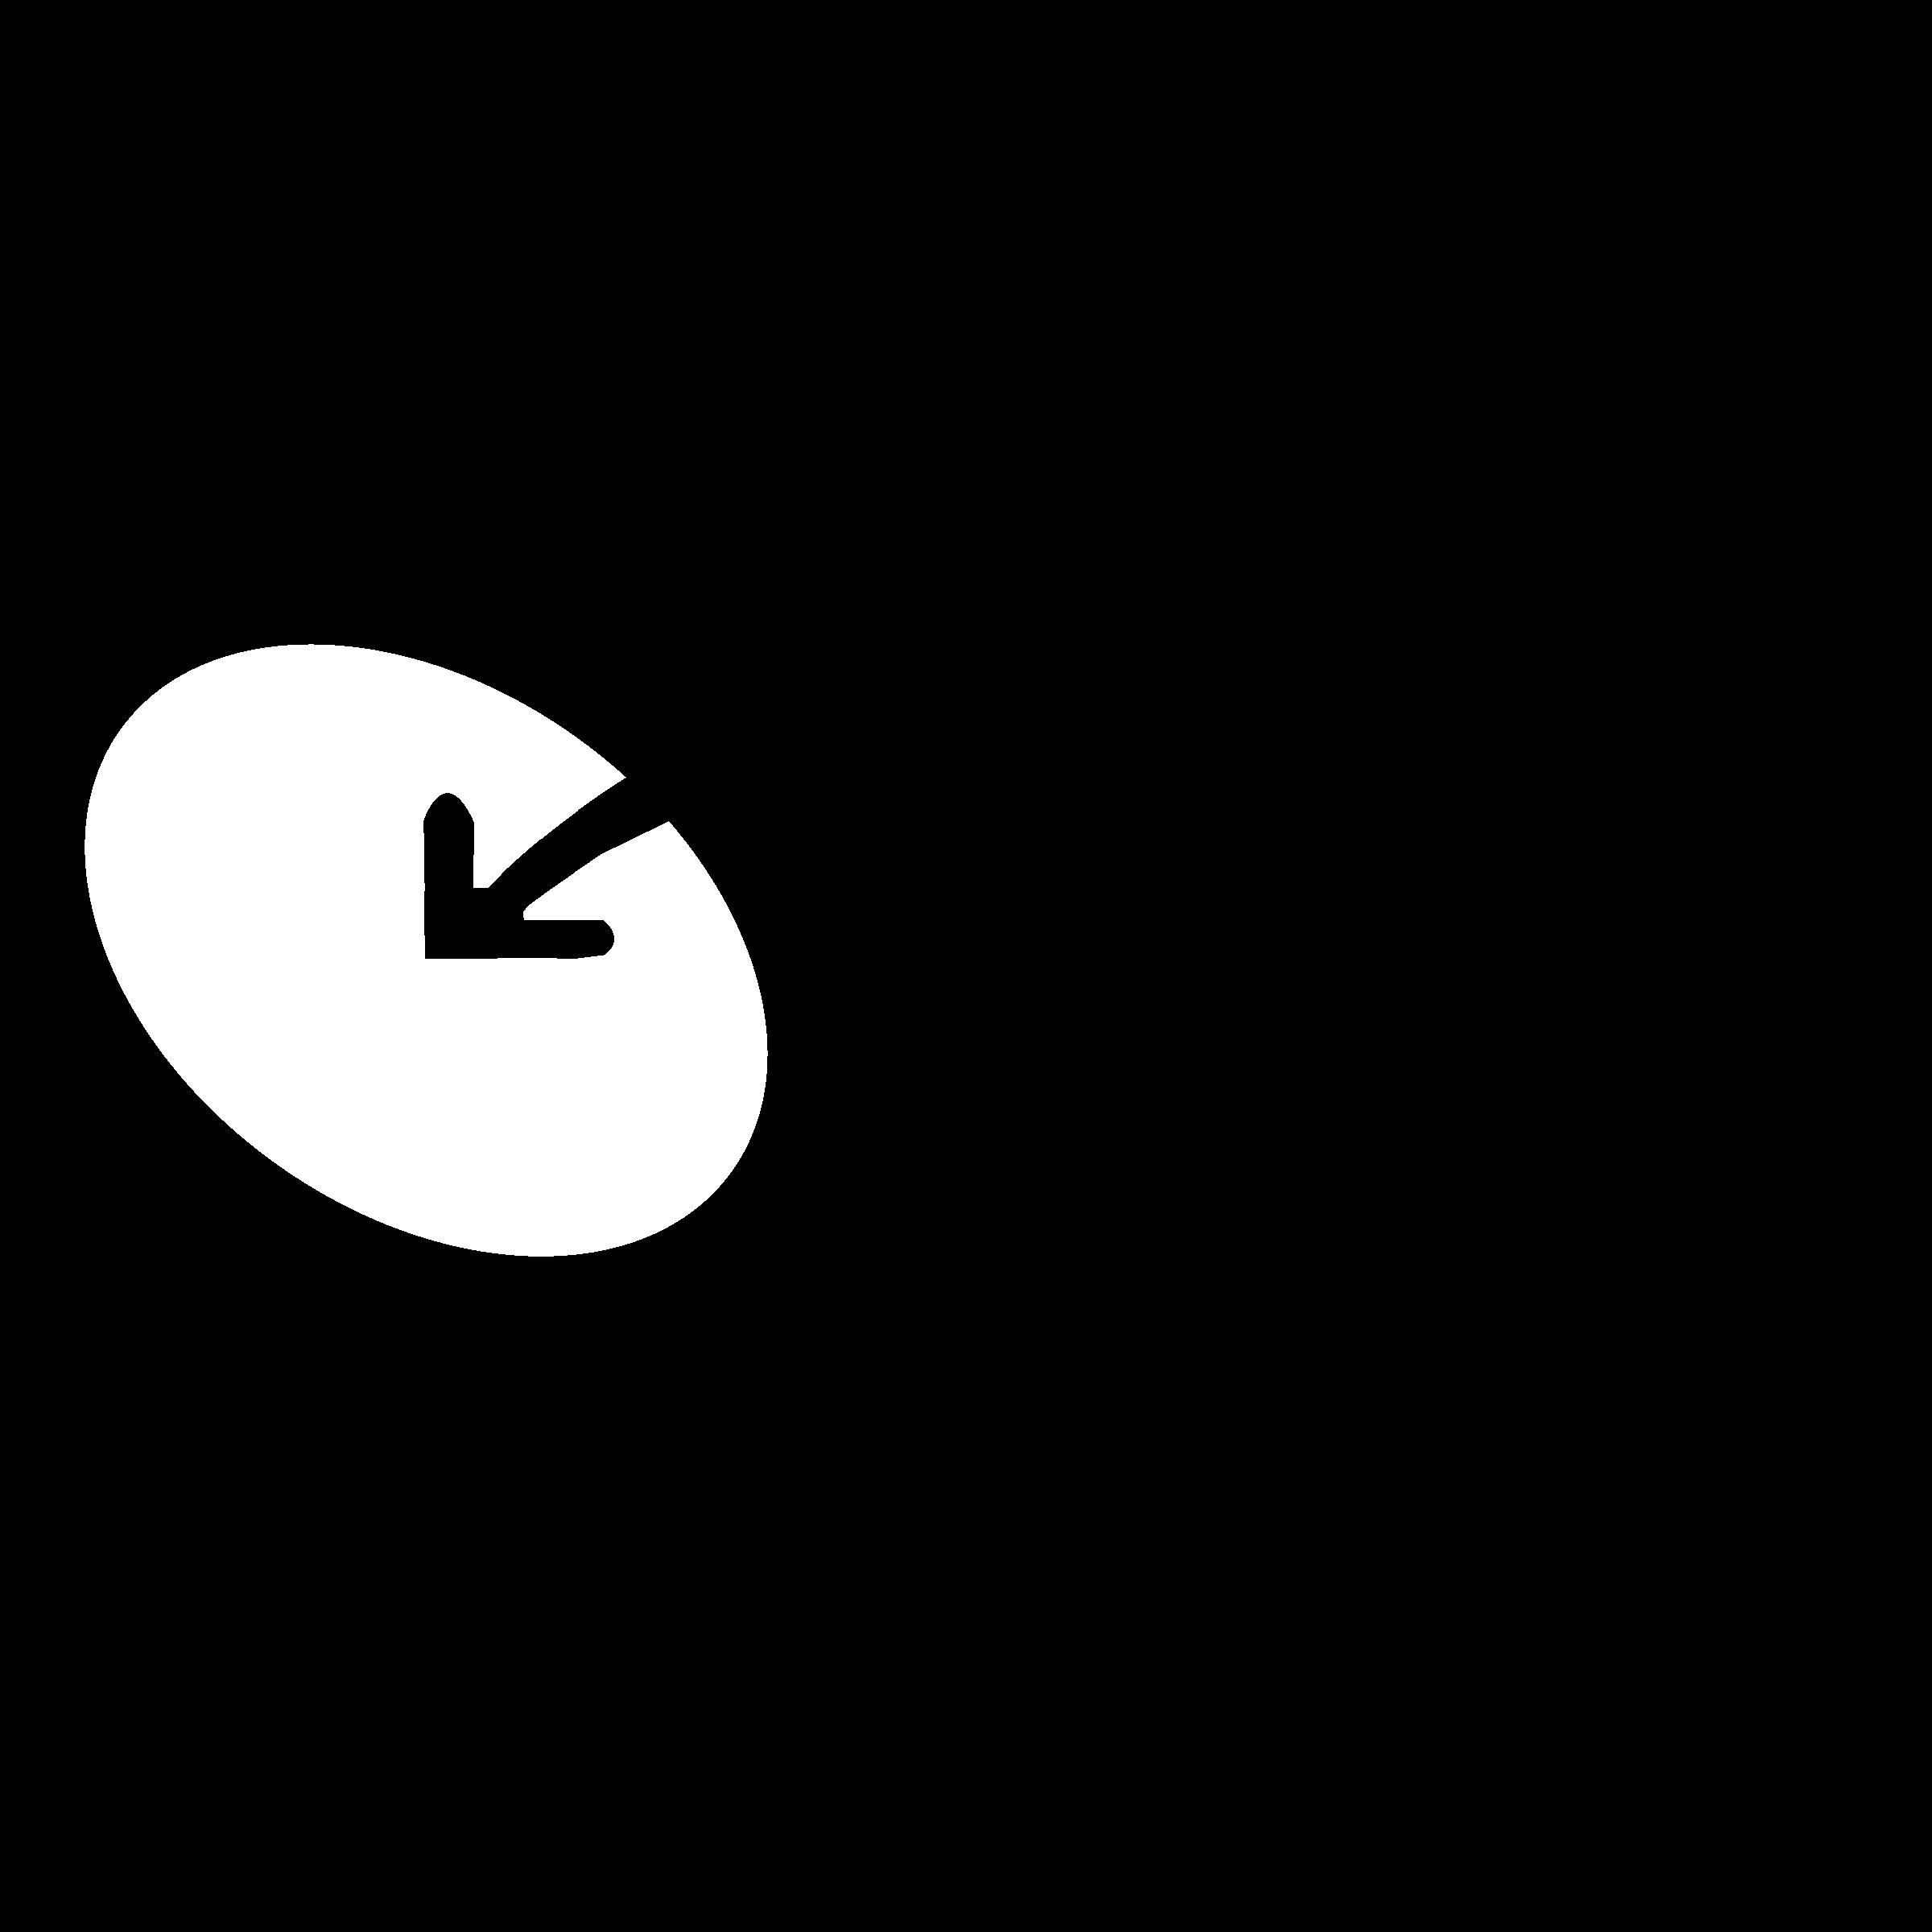 Resume Grabber Logo Png Transparent Svg Vector Freebie Supply